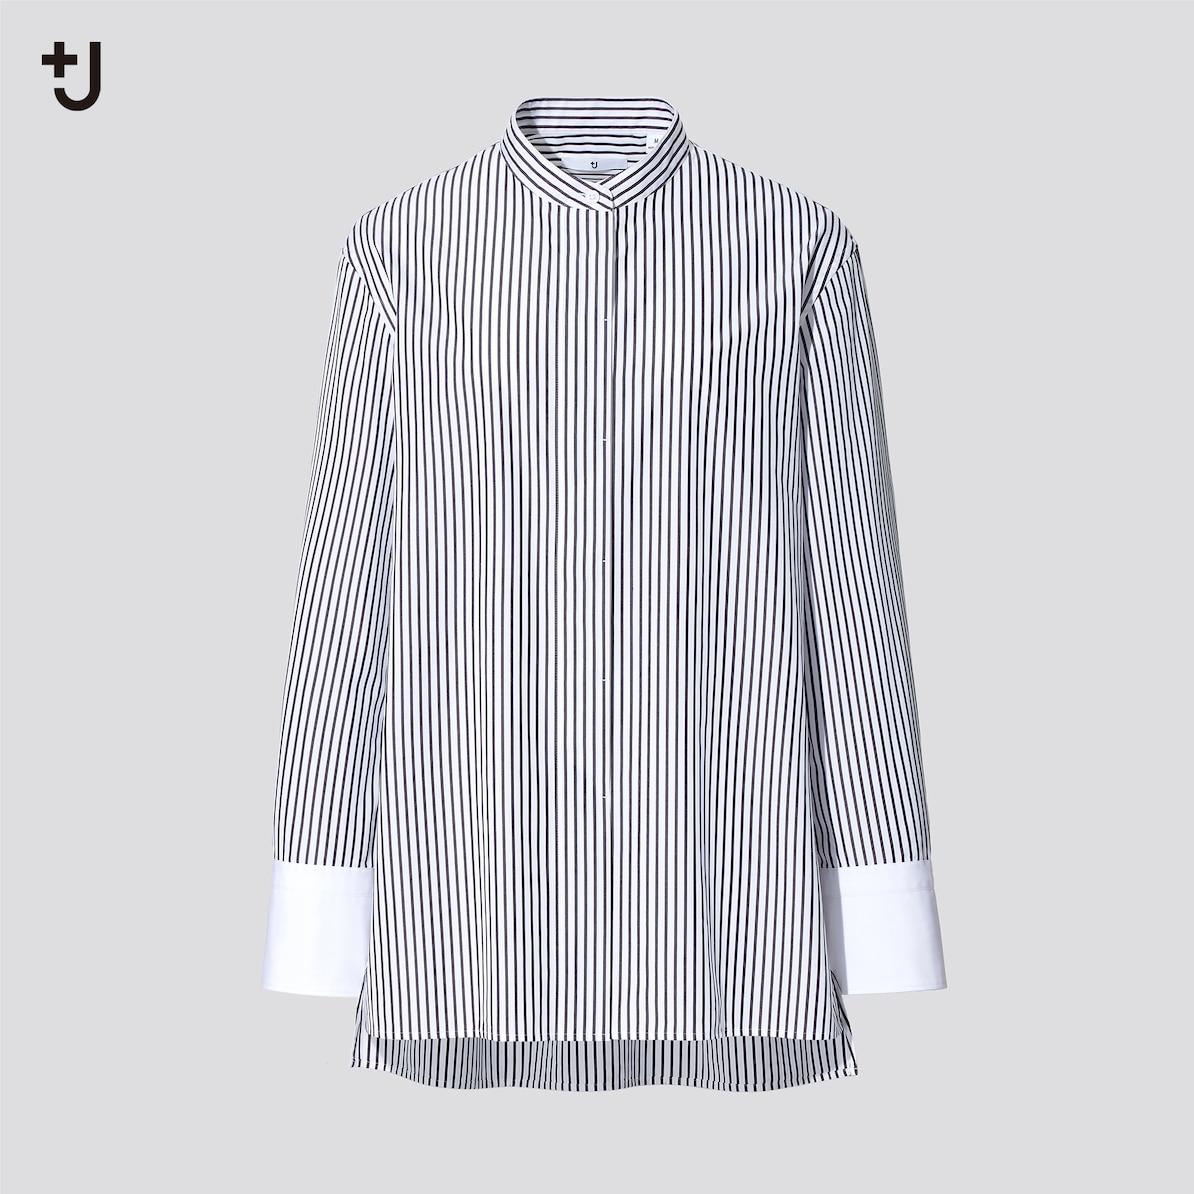 スーピマコットンスタンドカラーストライプシャツ(長袖)